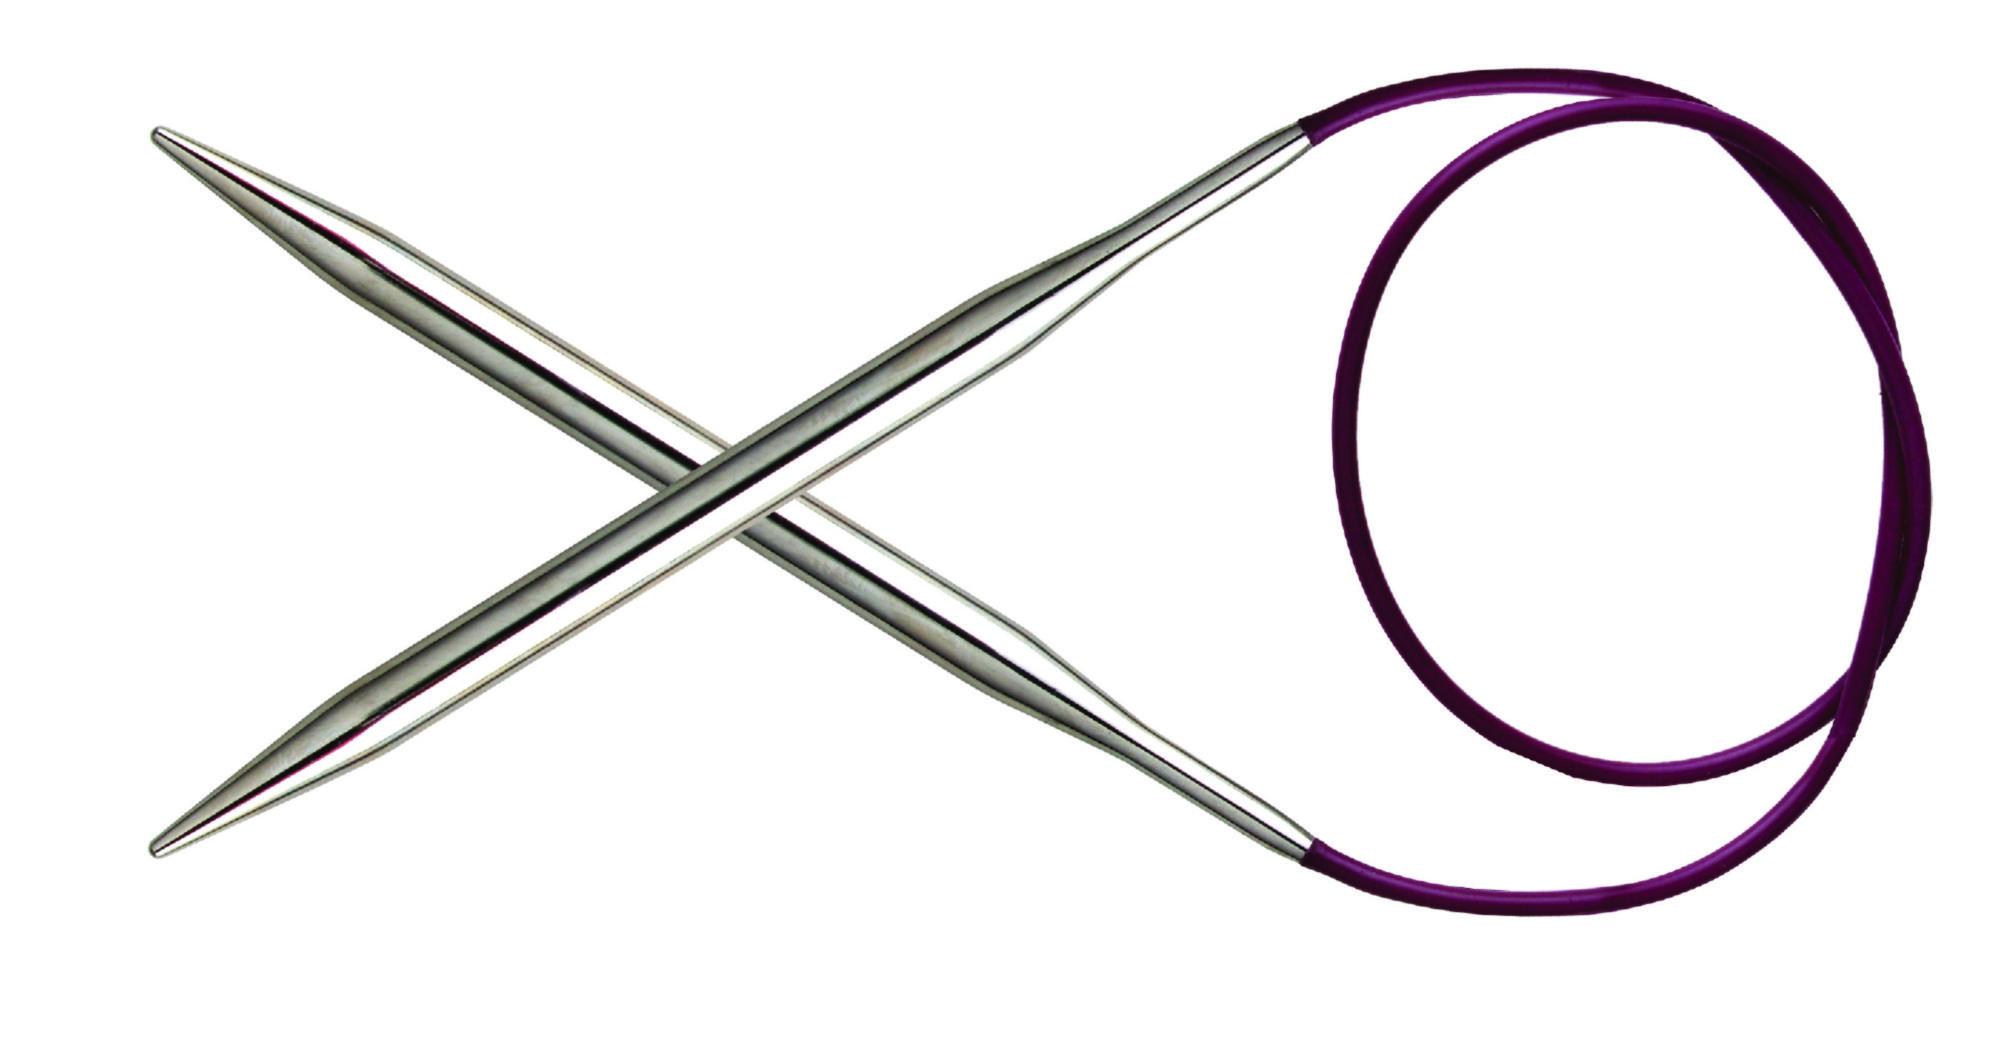 Спицы круговые 150 см Nova Metal  KnitPro, 11385, 5.50 мм